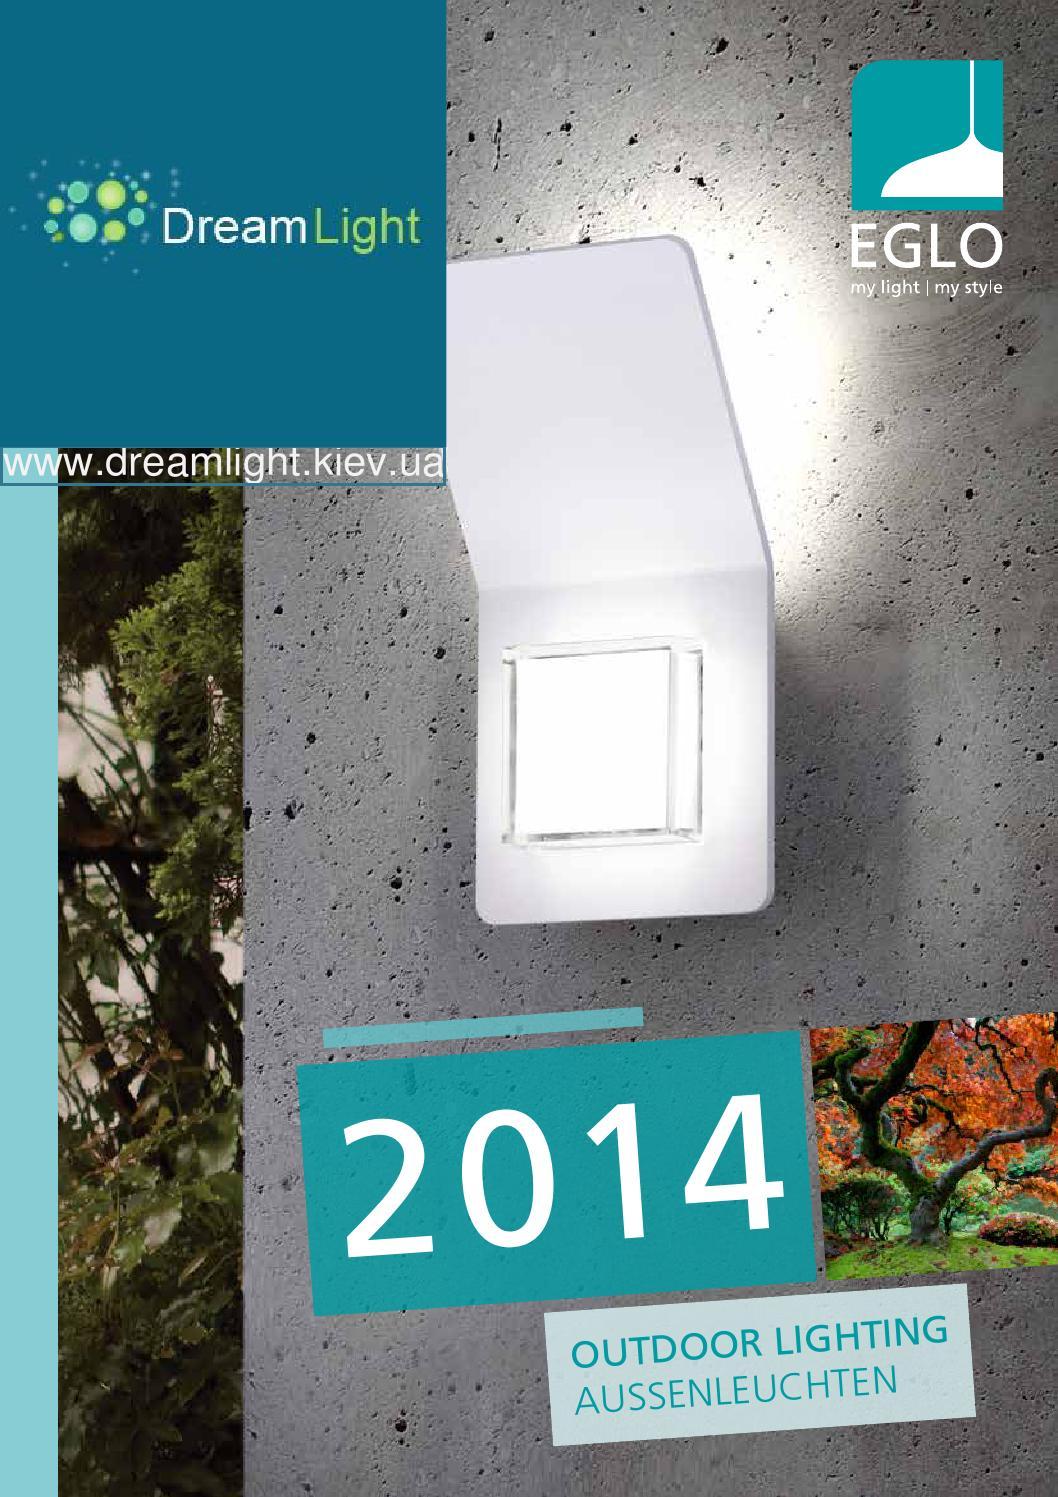 EGLO 93516 Aloria LED Wandleuchte 7 W Garten Außenlampen Schwarz Warmweiß GX53